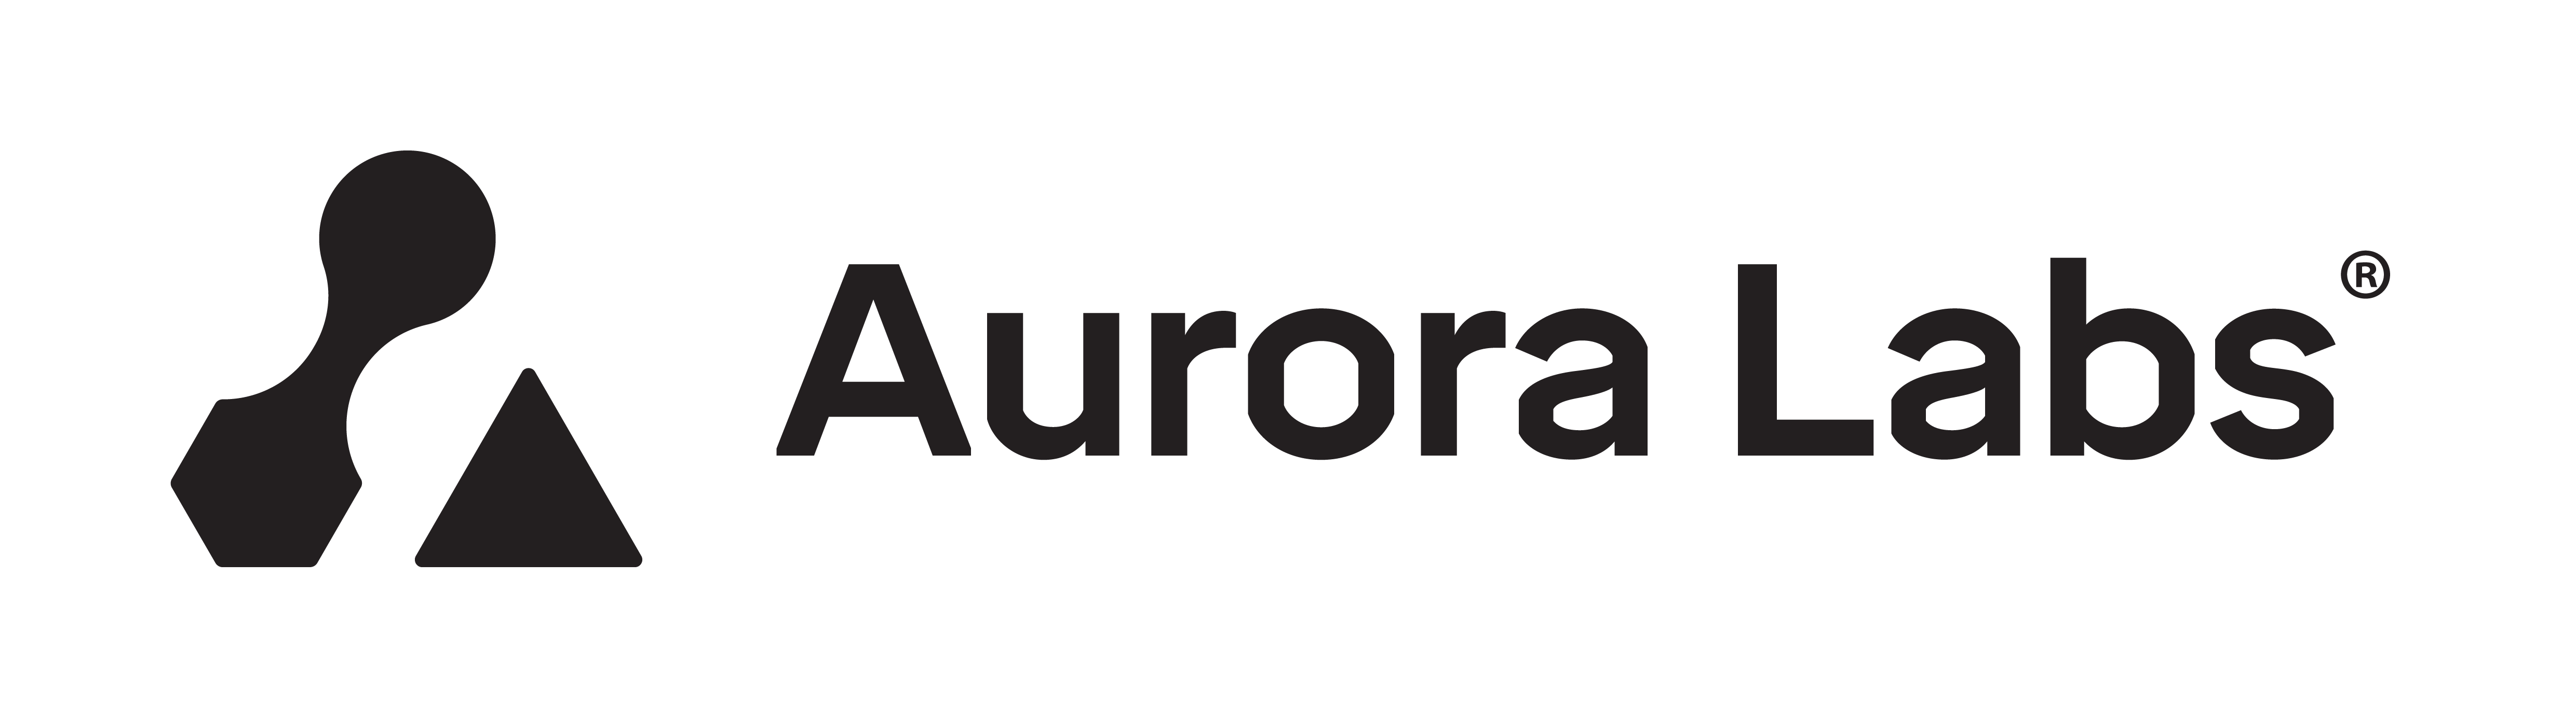 Aurora Labs